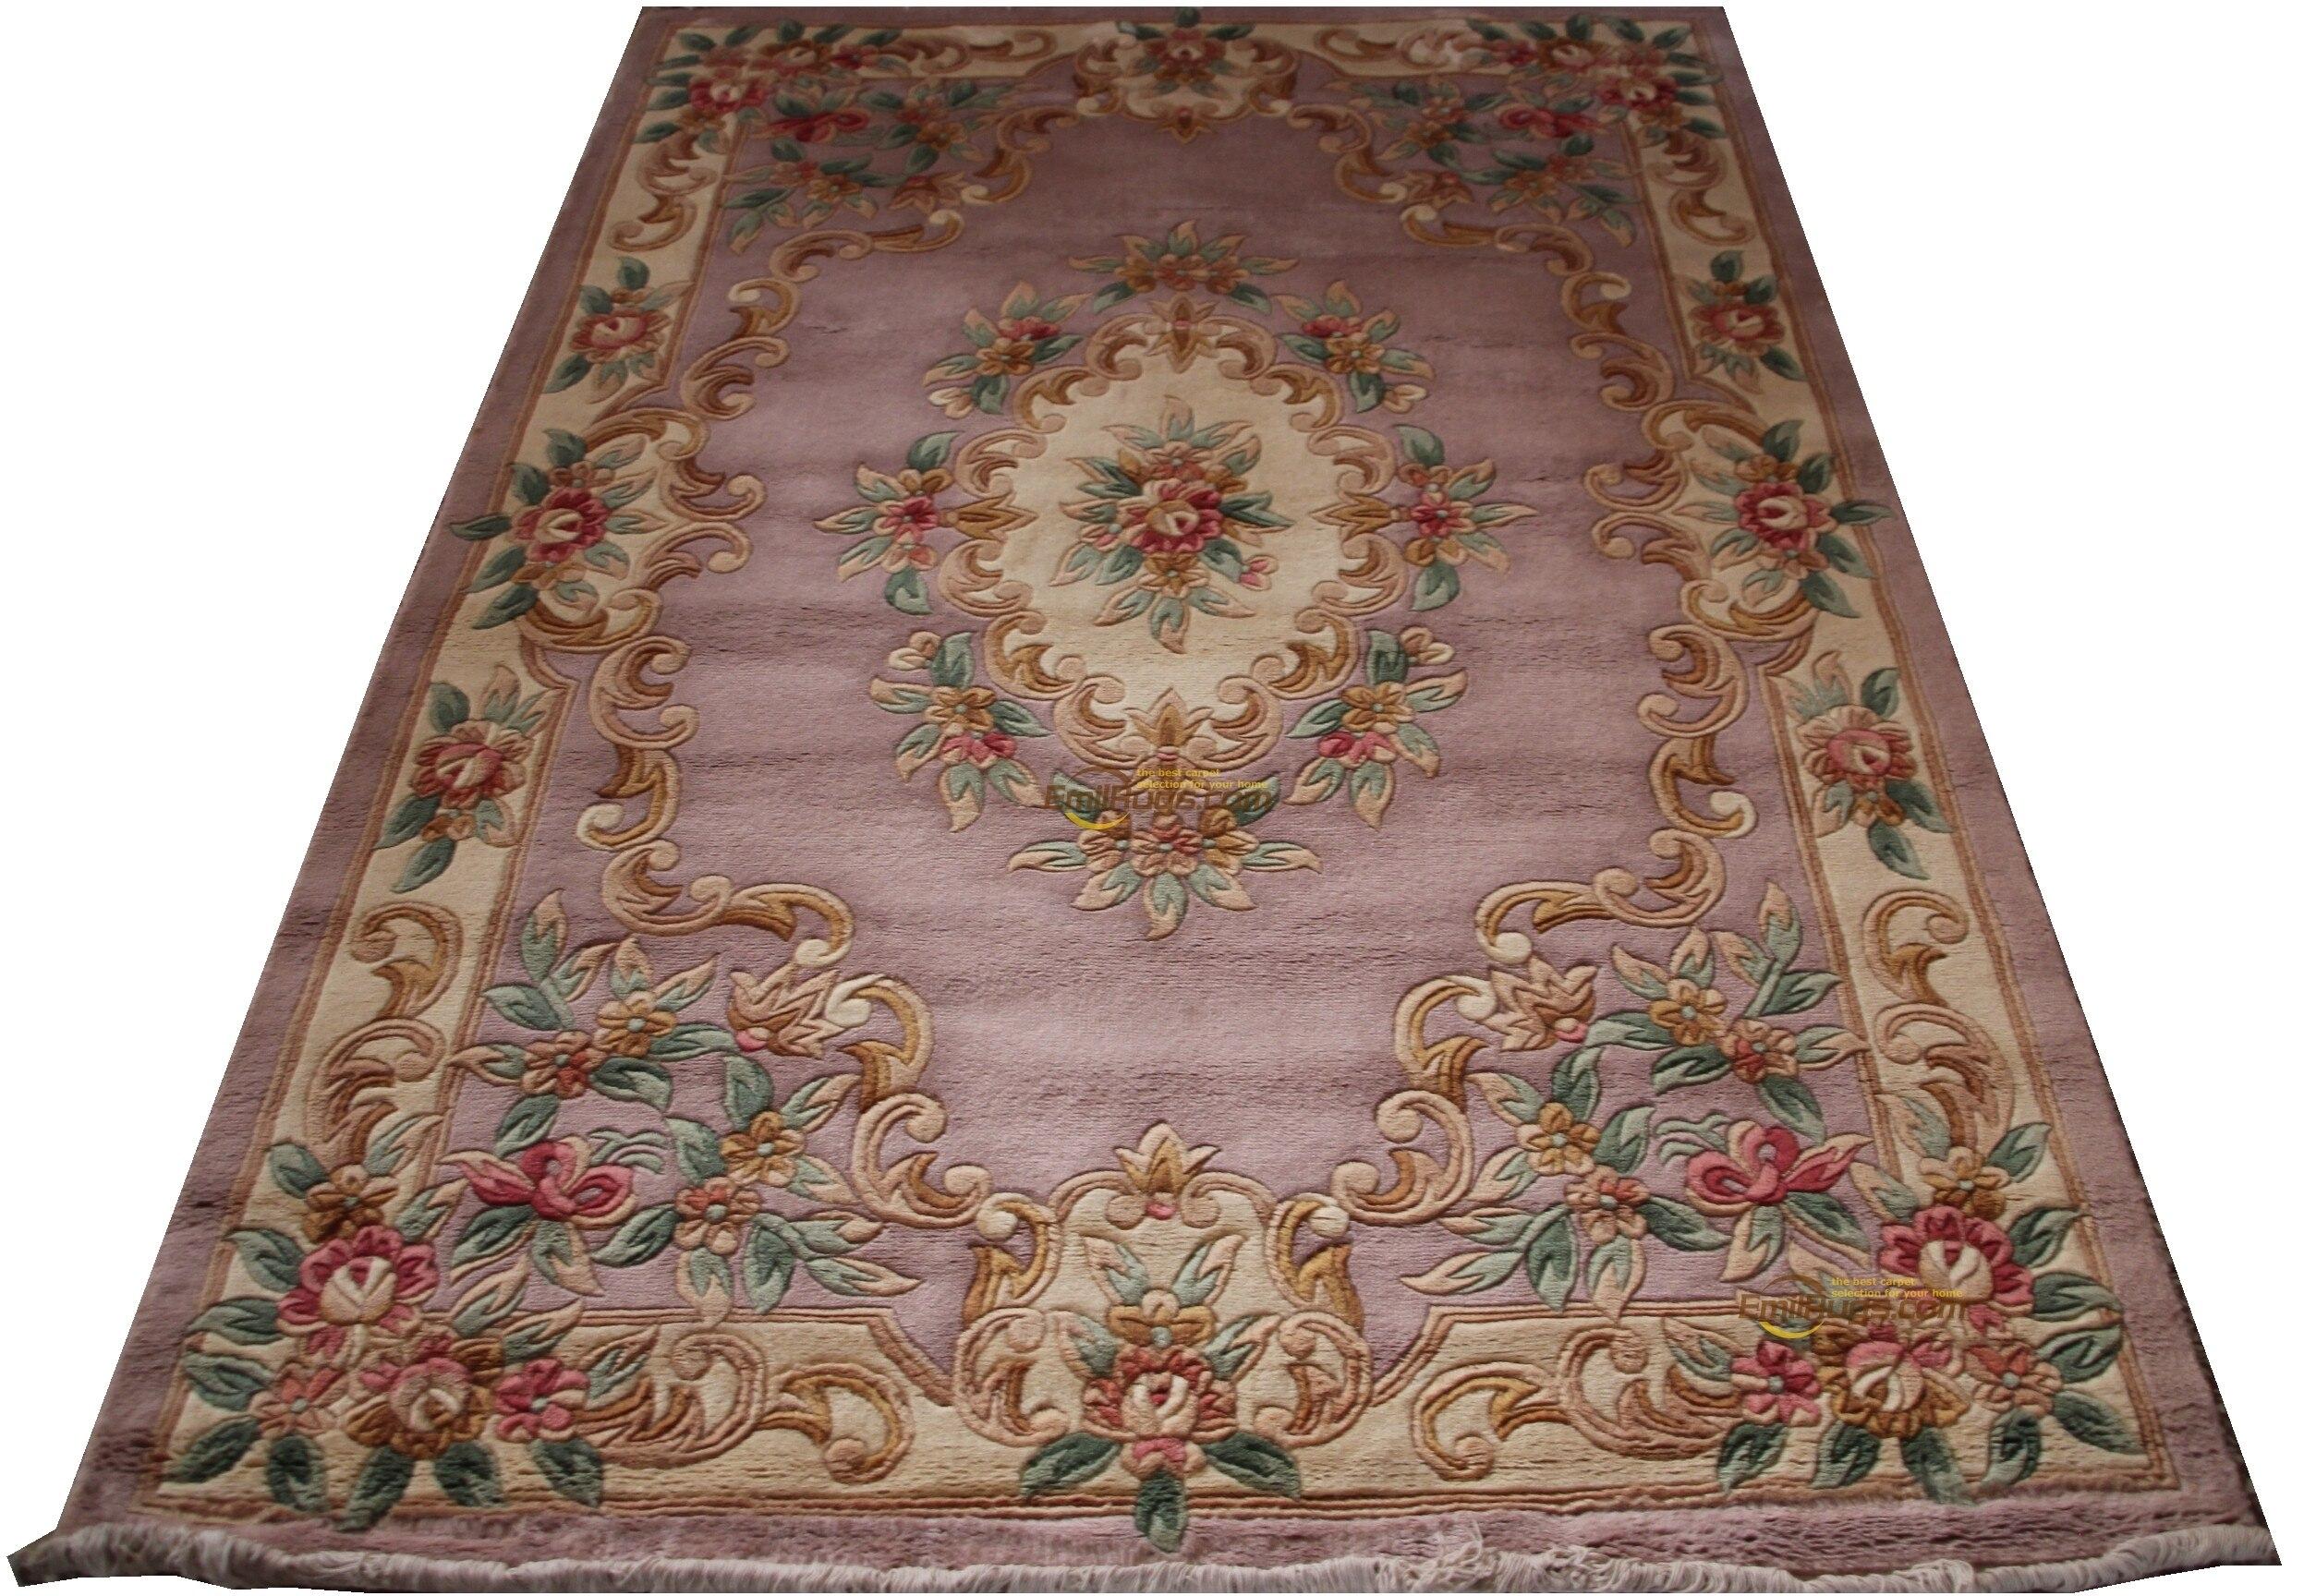 Tapis français en laine sur tapis de Savonnerie en peluche épais fabriqué à la machine tapis fait sur commande 6all 510 240 gc85savyg28